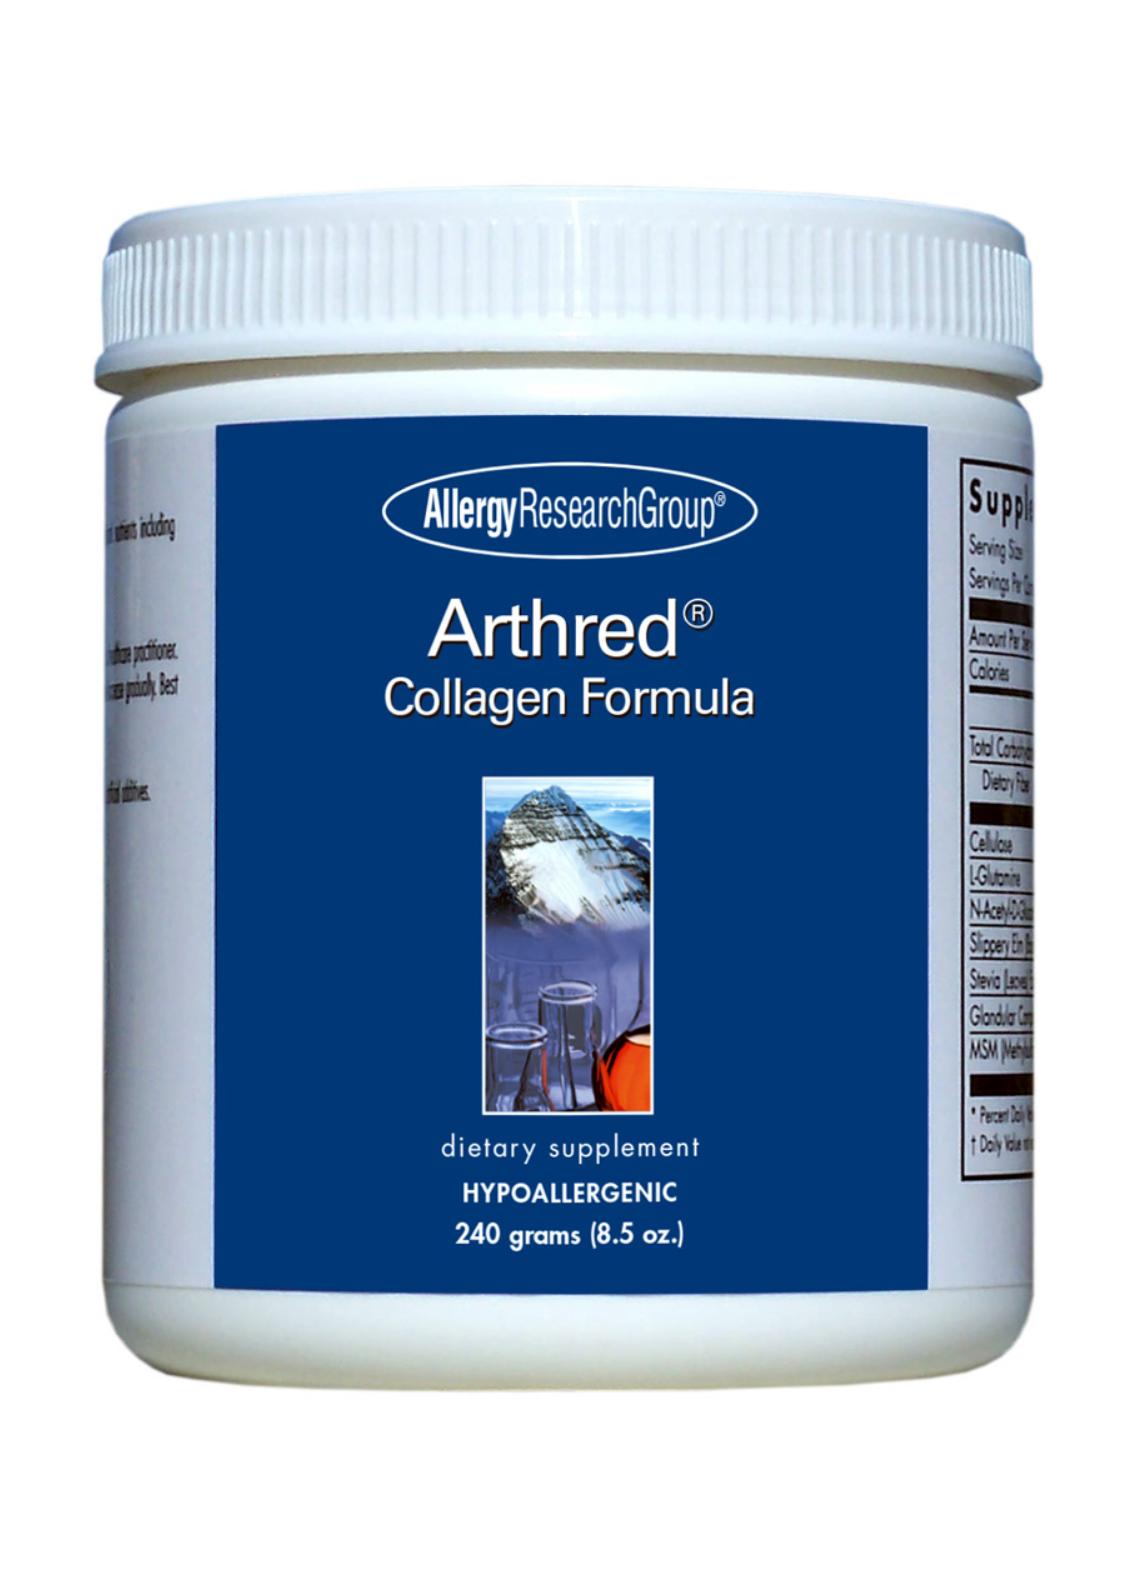 Allergy Research Group Arthred® Collagen Formula (Hydrolysiertes Kollagen) 900g Pulver